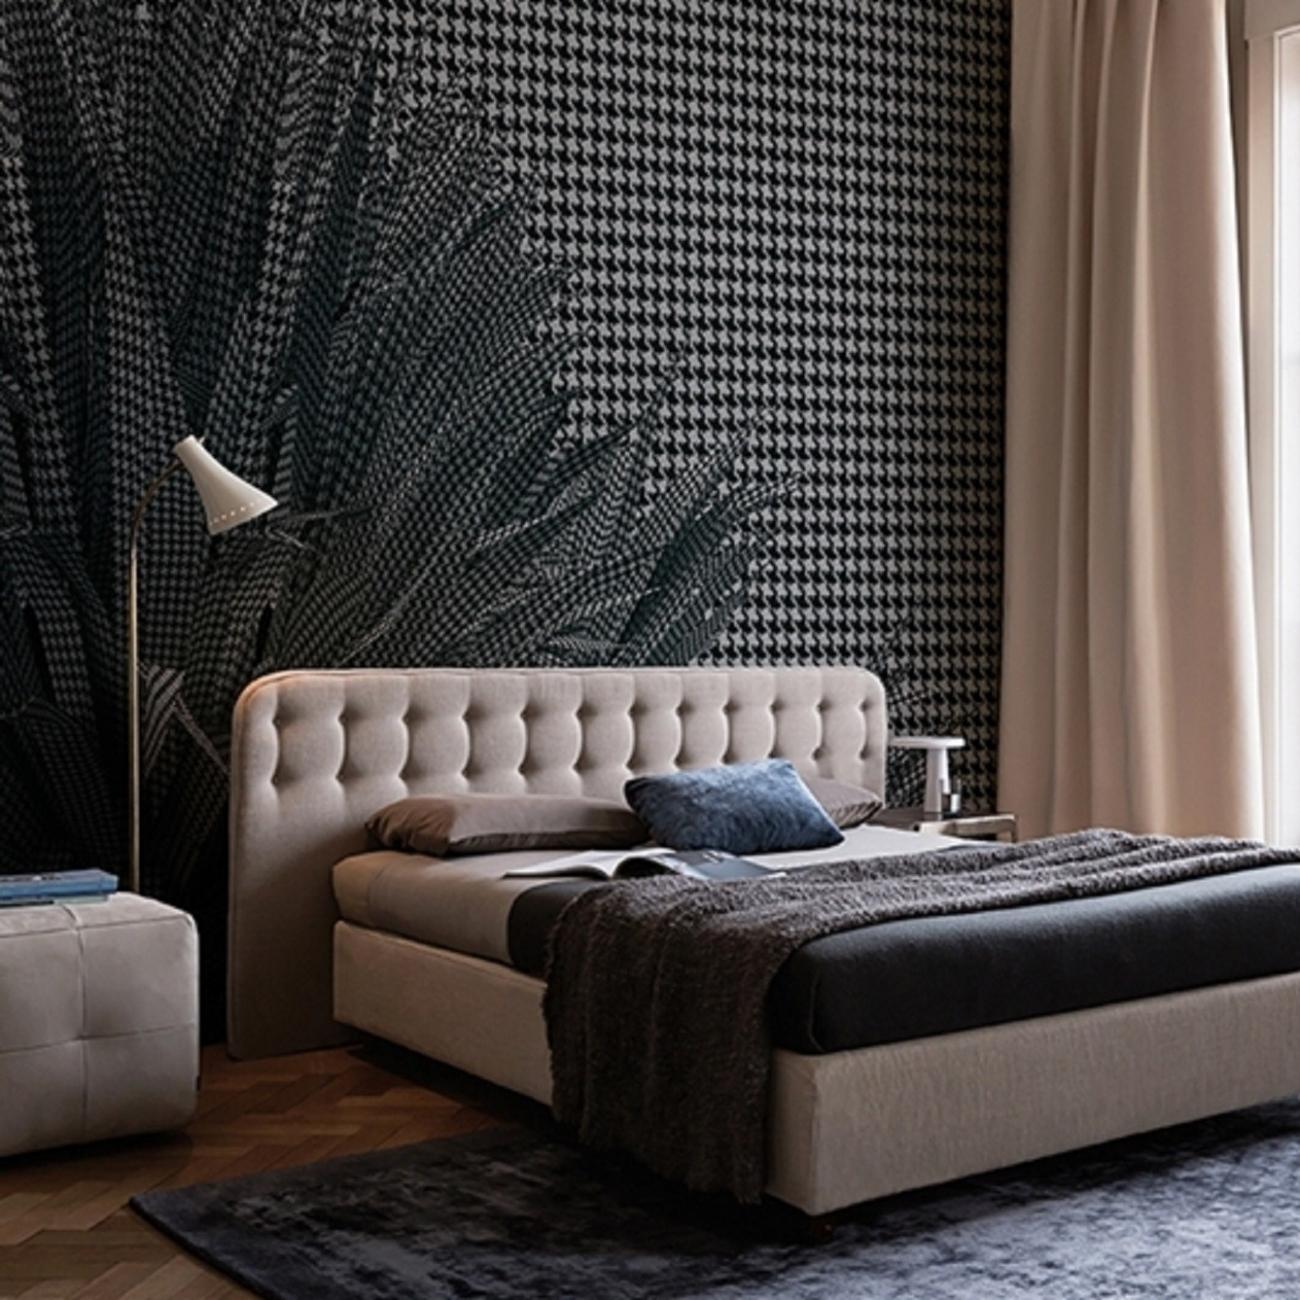 Le foto di grande formato esprimono un grande valore decorativo e si adattano. Wall Deco Breeze Wallpaper Tattahome